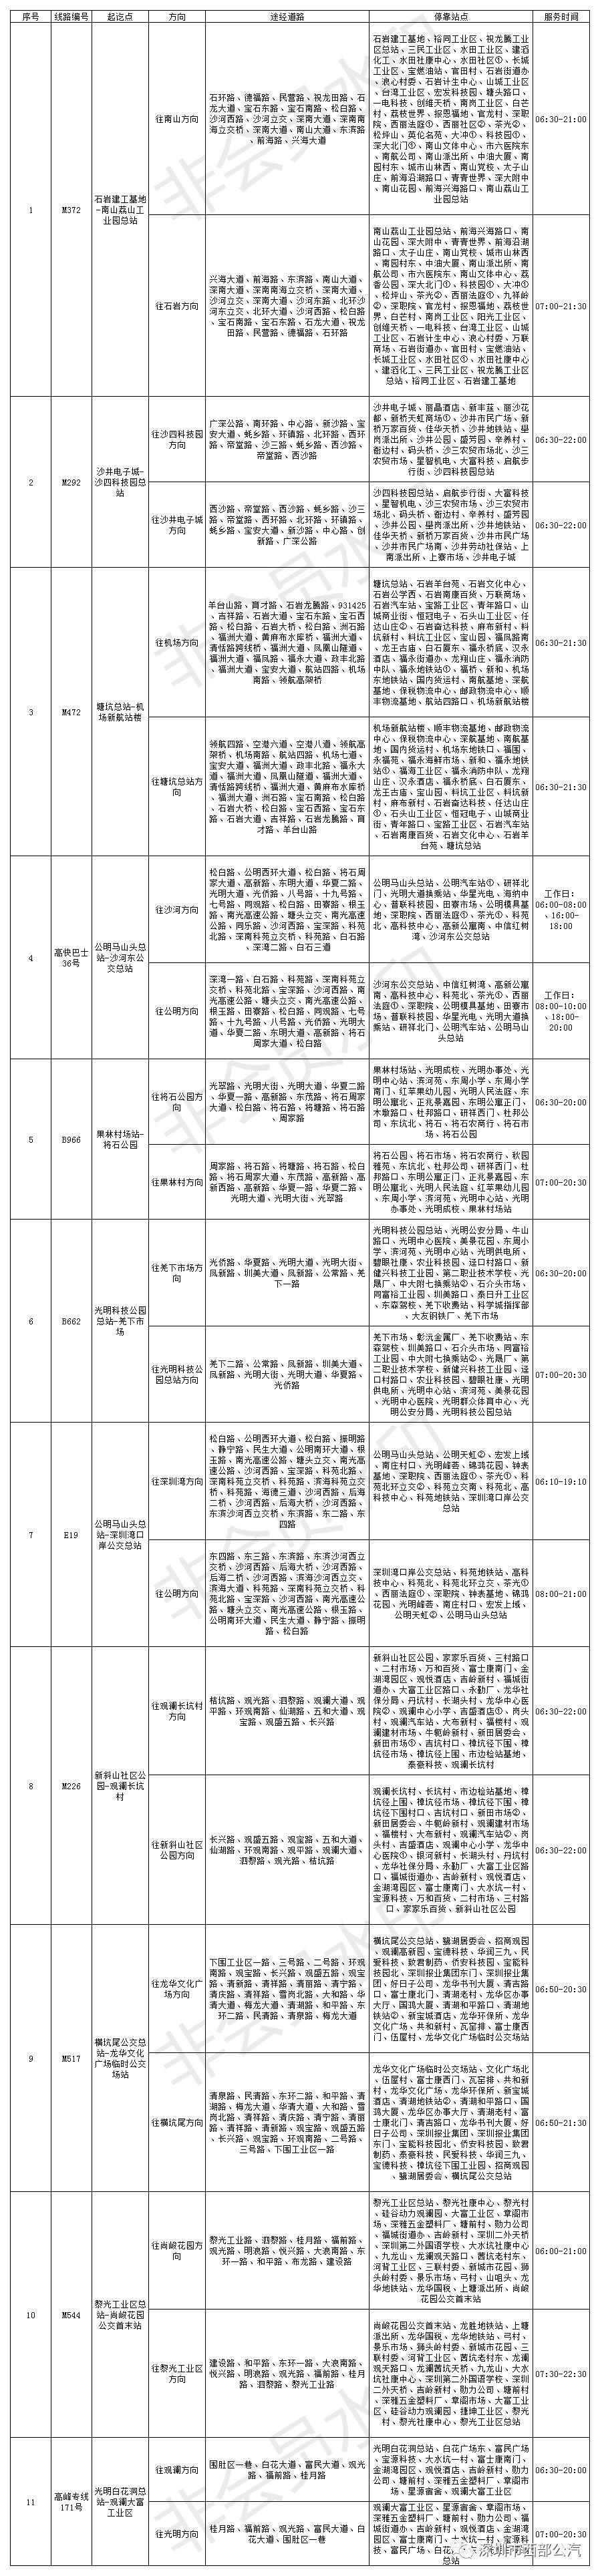 深圳西部公交一批线路有变 新增这14条、调整11条、32条 附具体情况